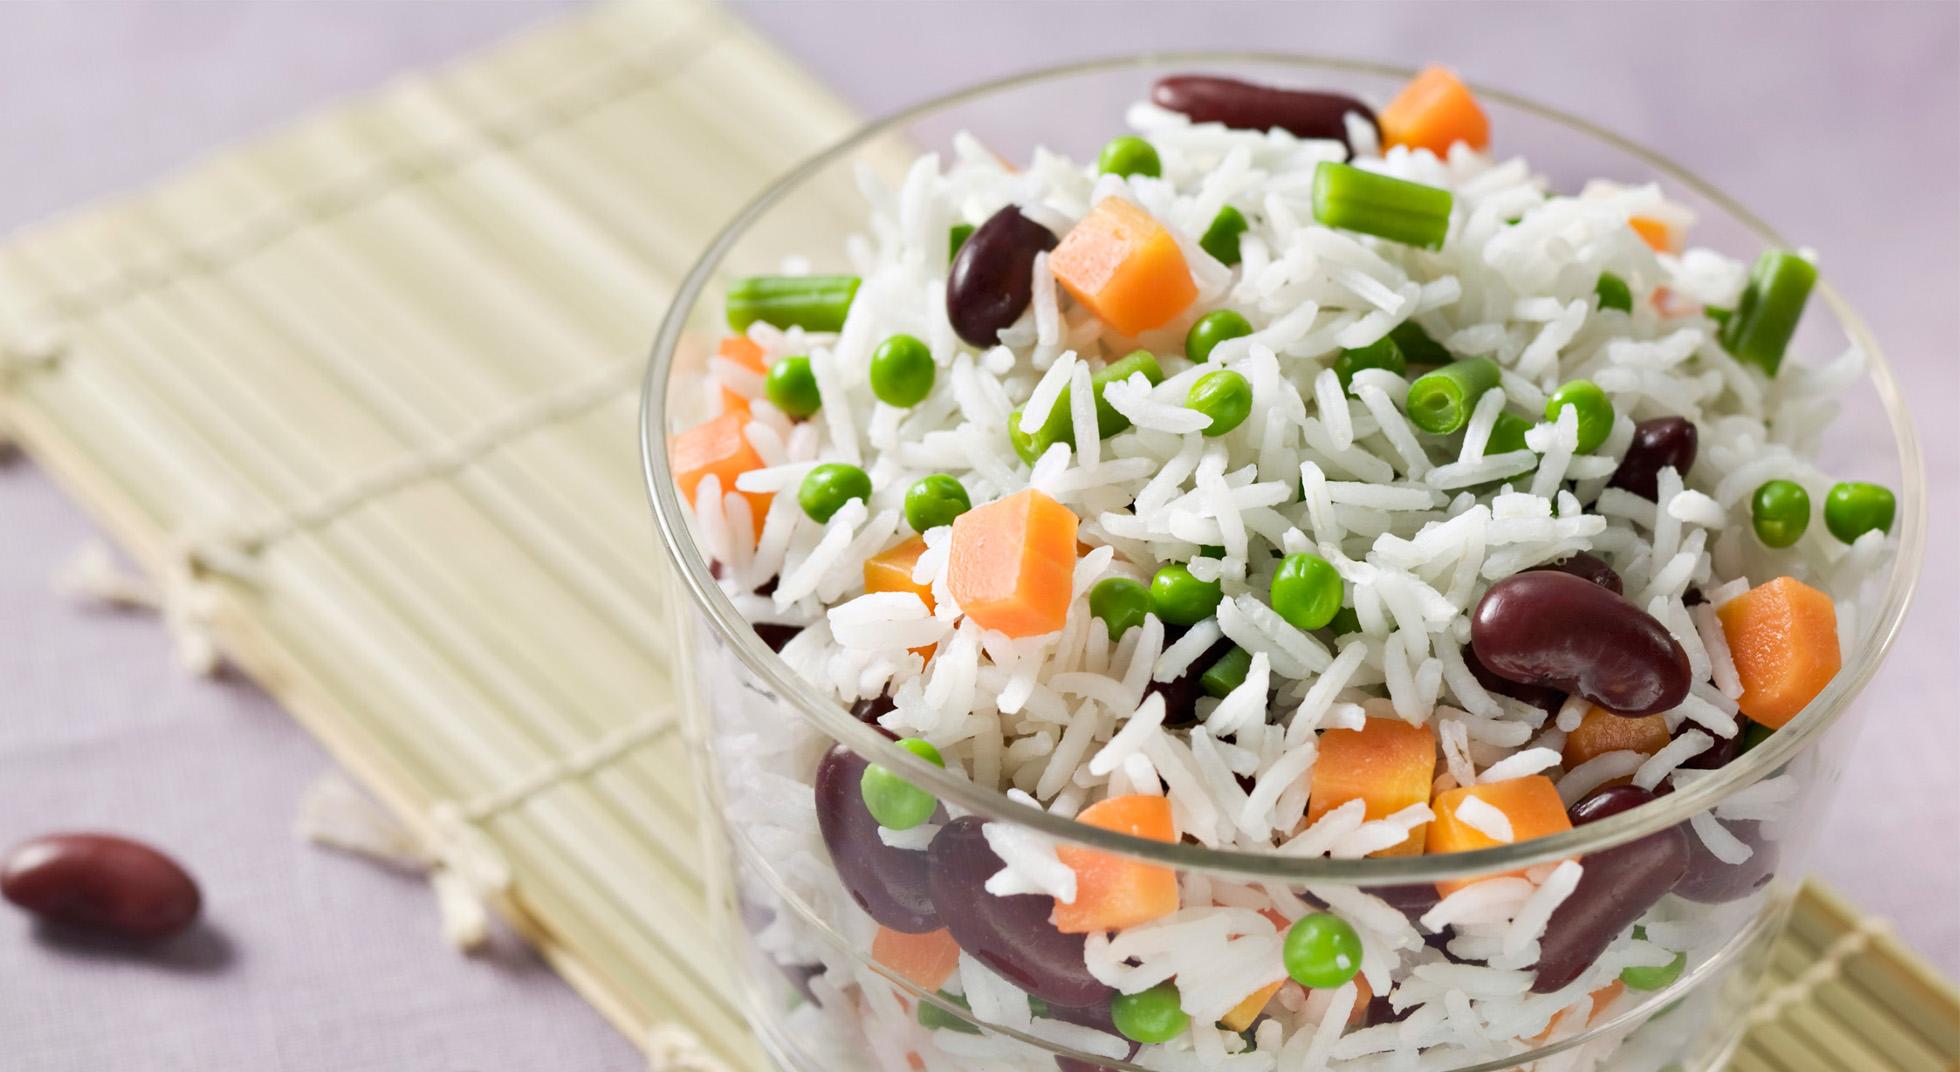 insalata di riso 10 ricette per i bambini aia food